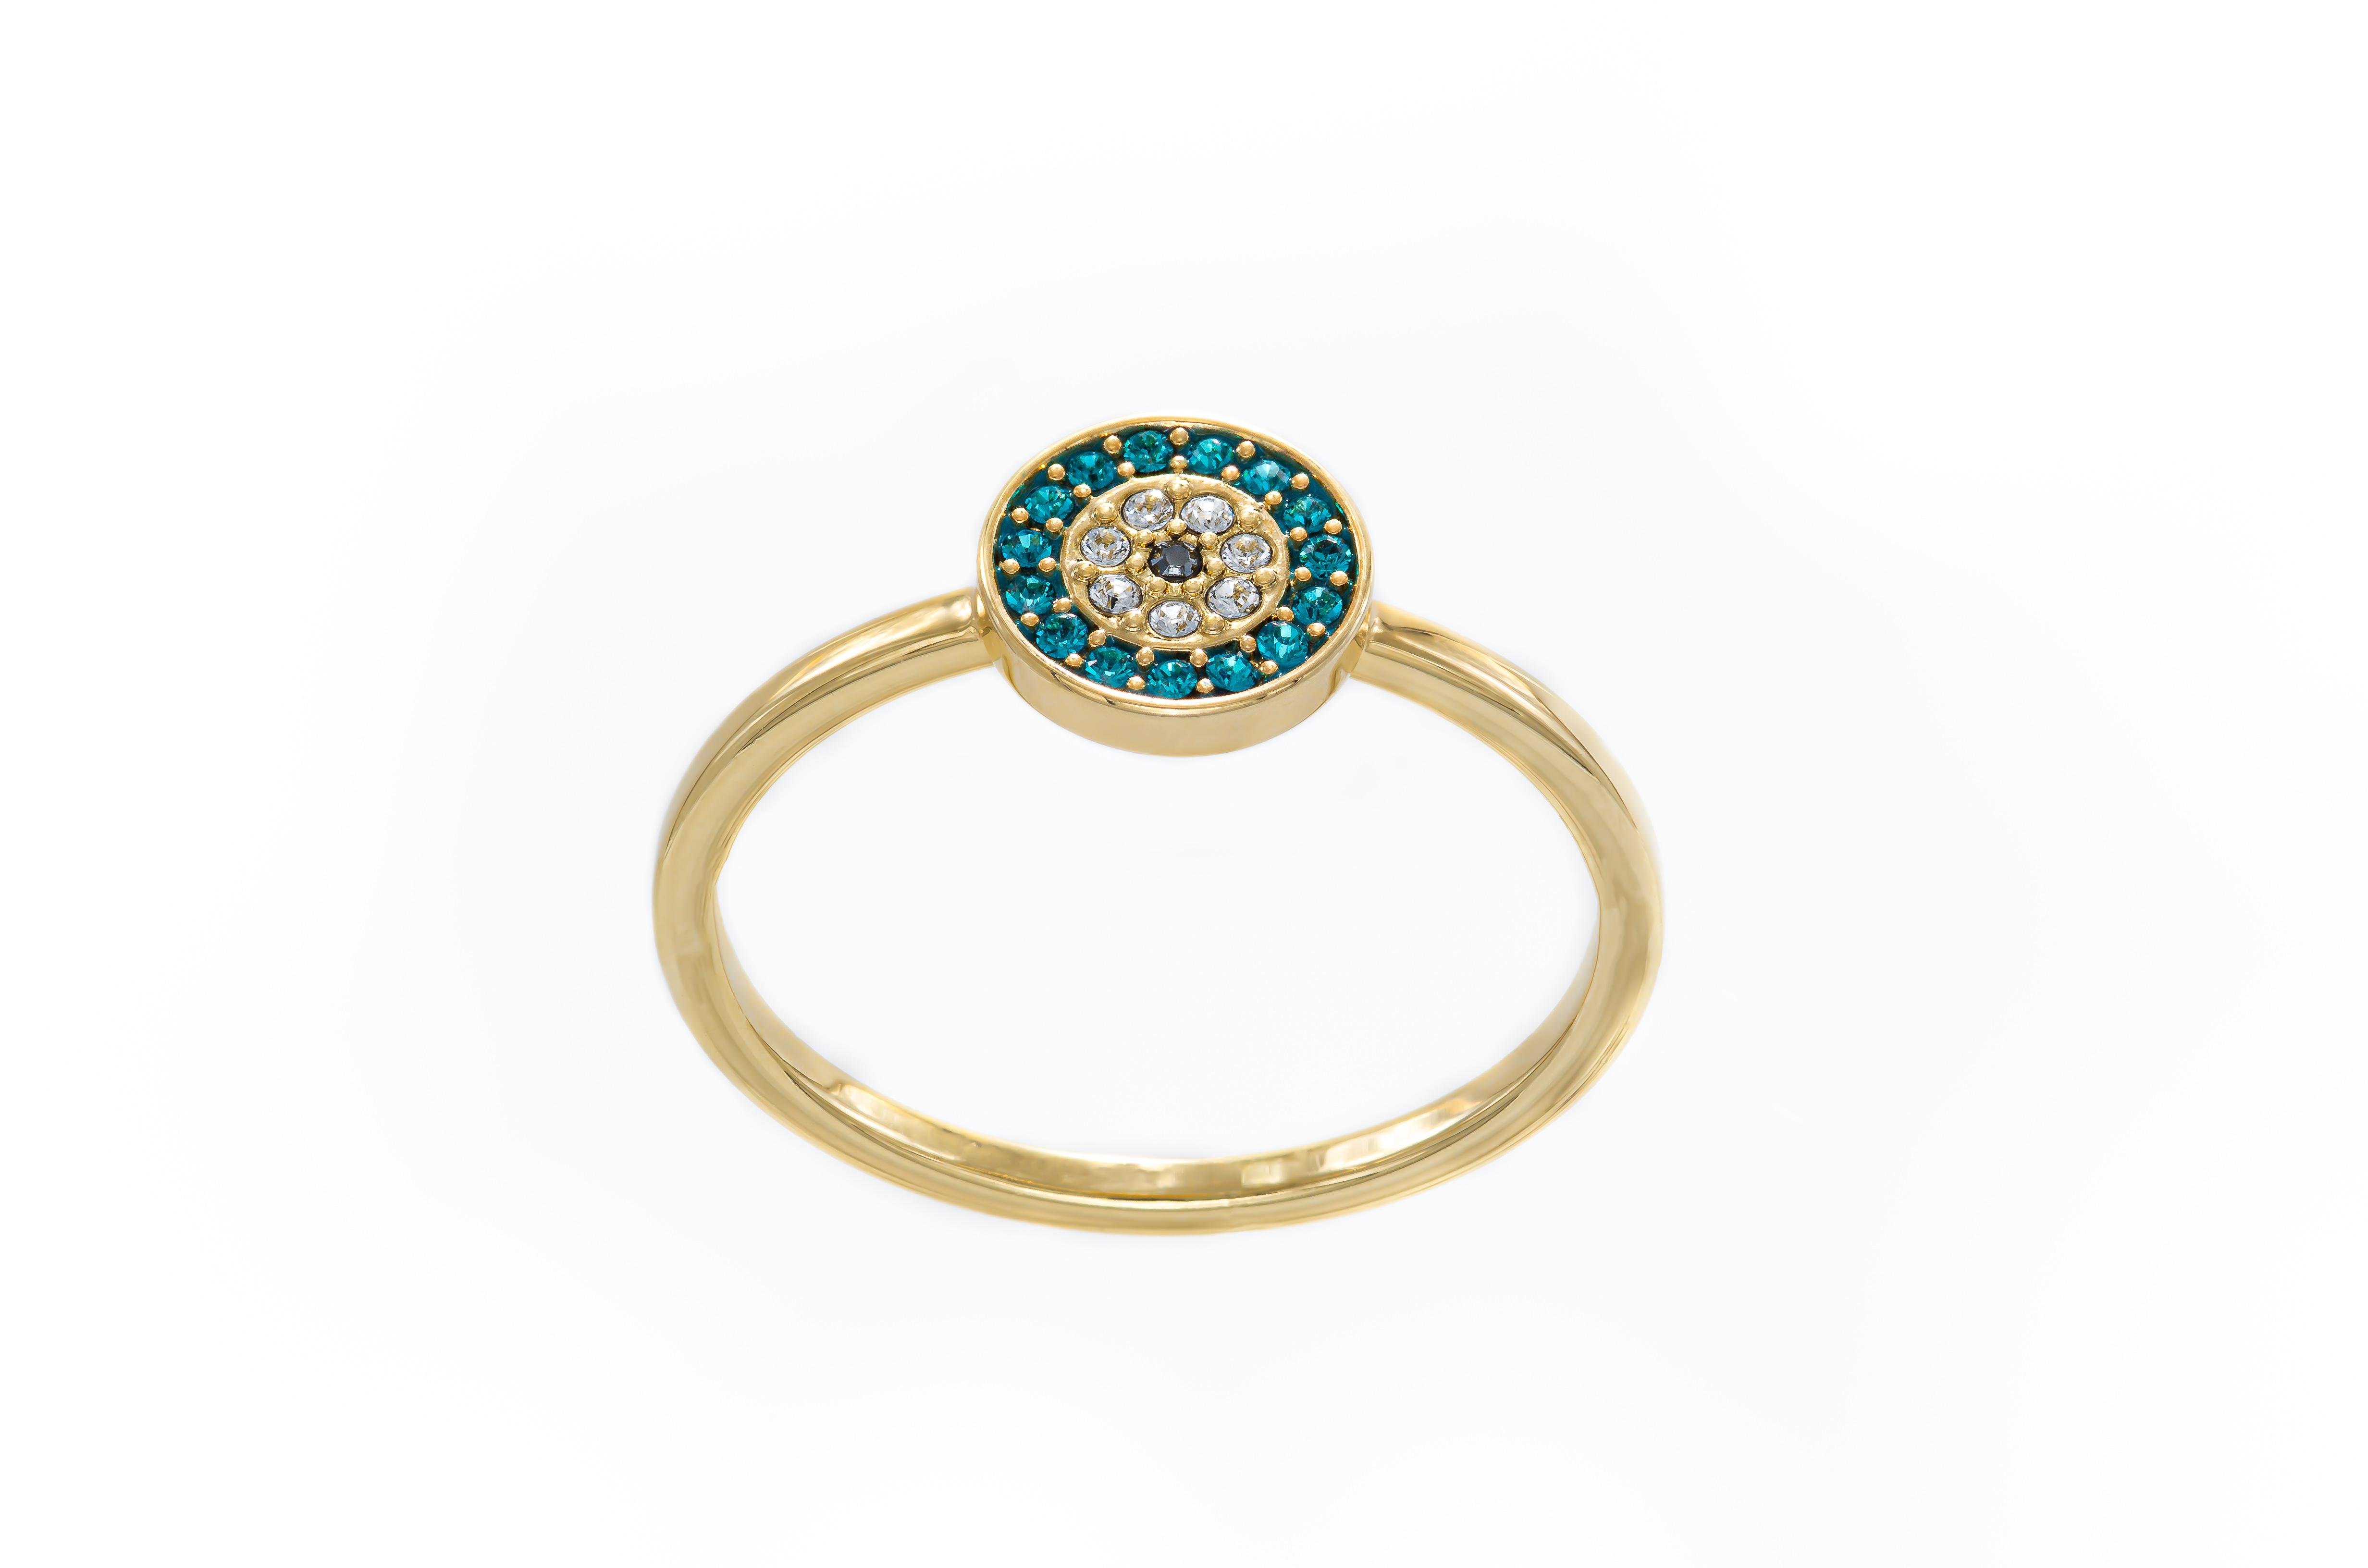 Fotografía de anillo de oro con piedras verdes